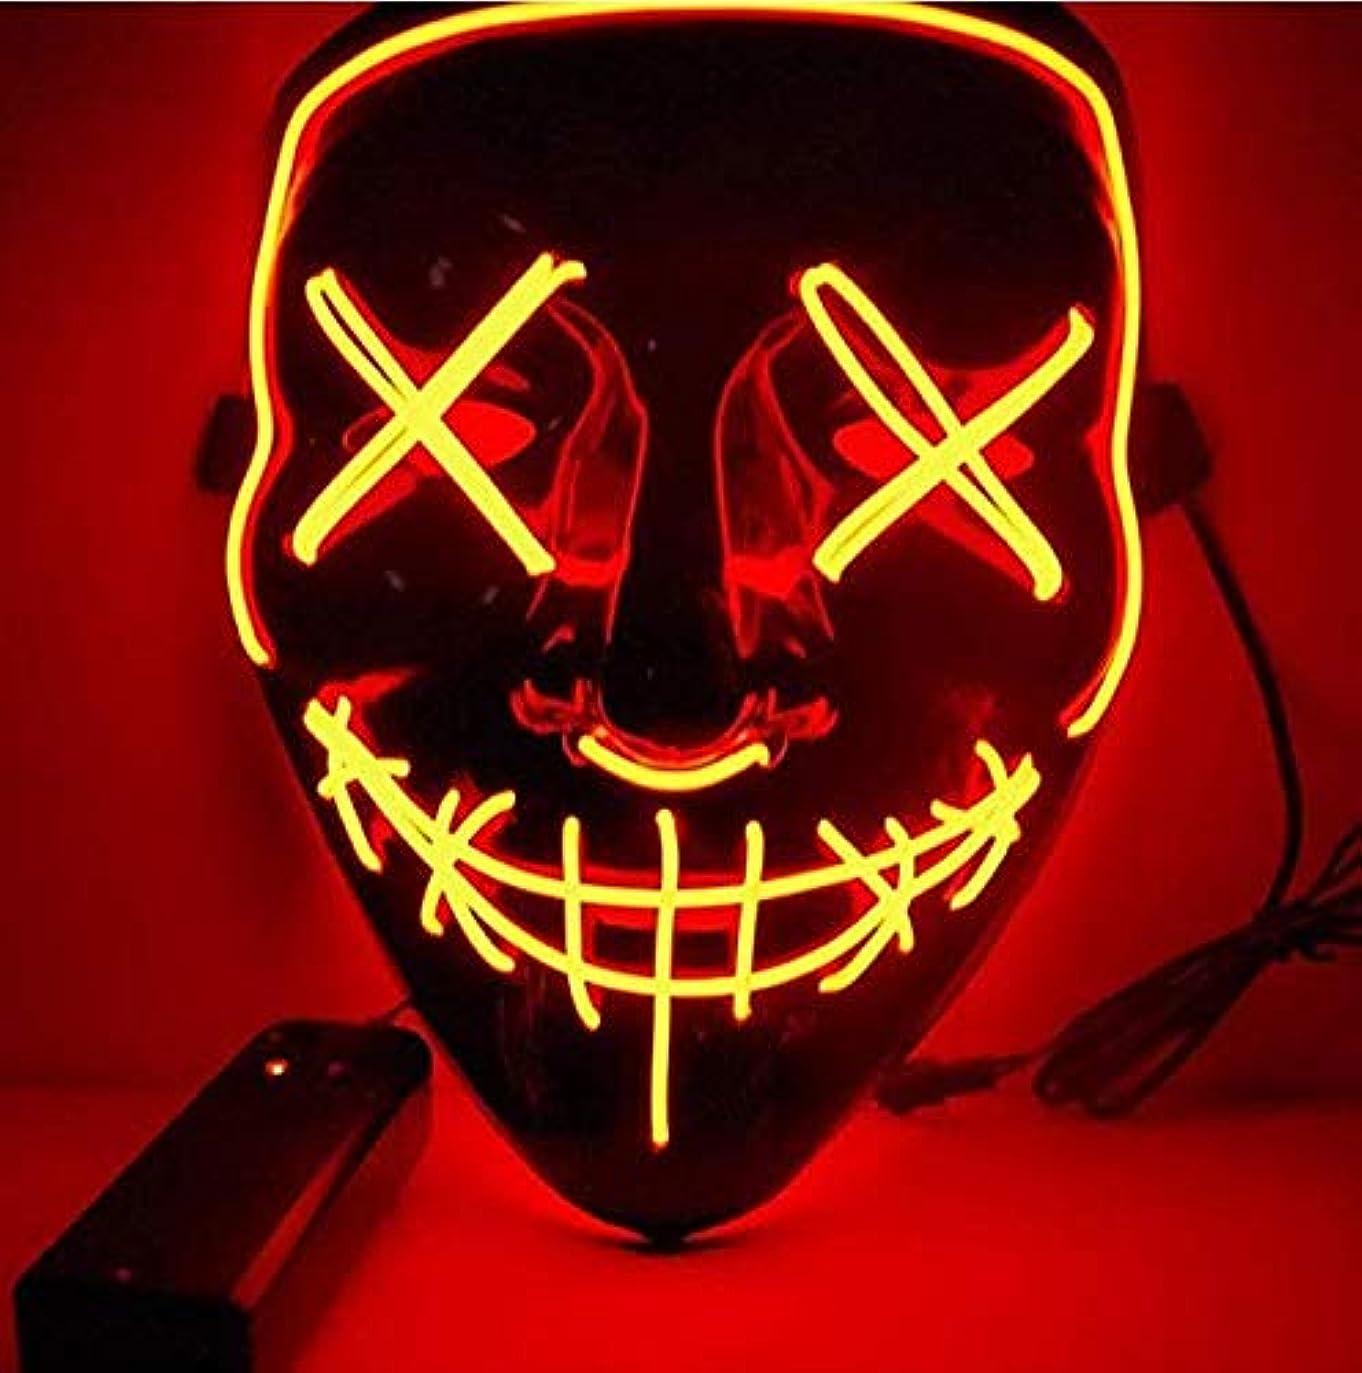 重要気まぐれな害虫ハロウィンマスクLEDライトアップパーティーマスクコスプレコスチュームサプライ暗闇で光る (Color : PURPLE)